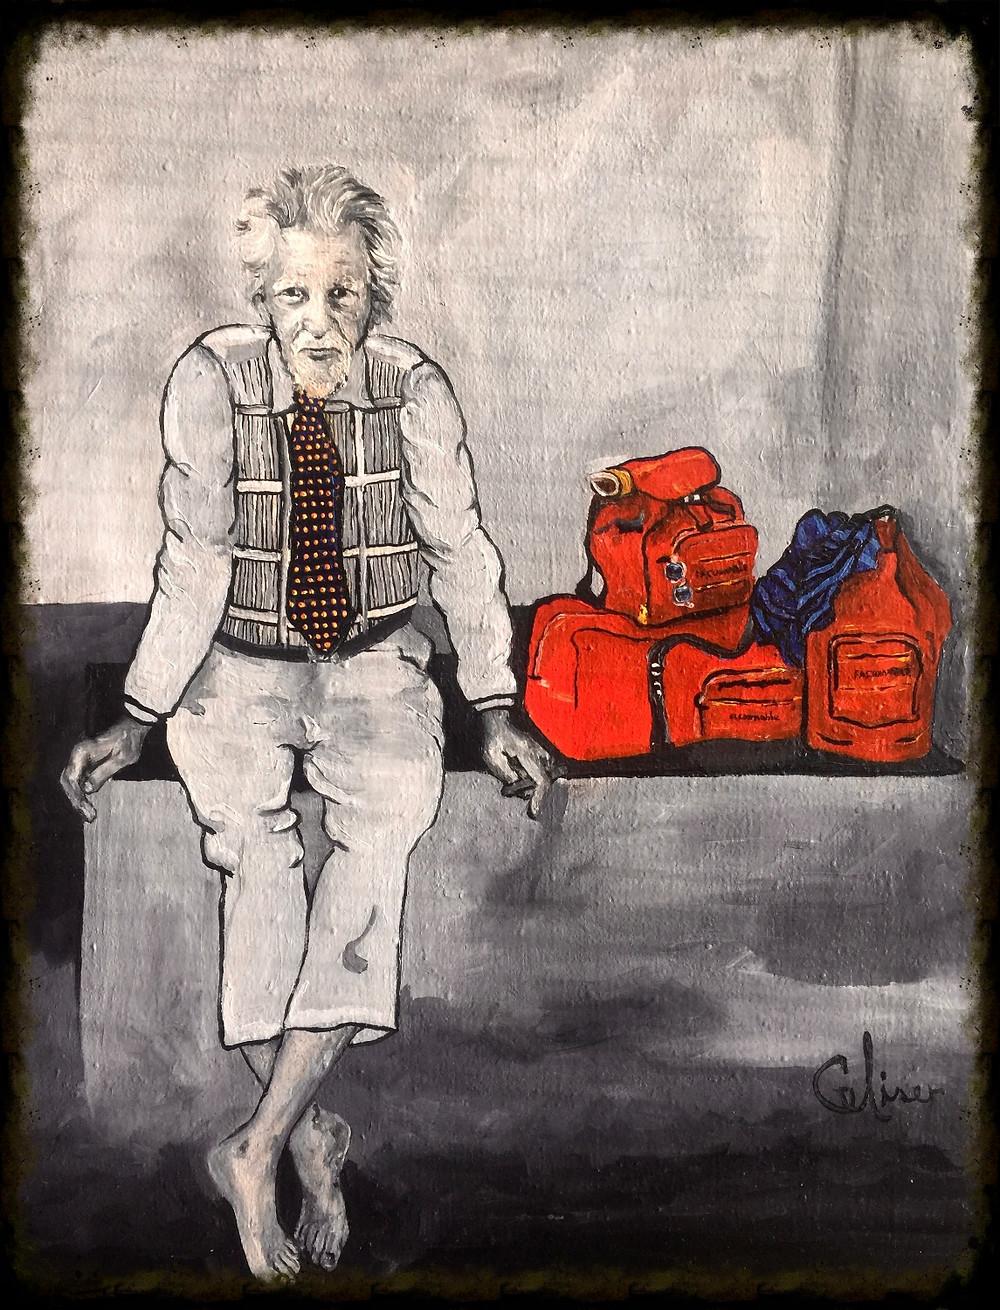 Pintura al oleo, representando a uno de los tantos personaje s que por algún motivo quedan excluidos de la sociedad.